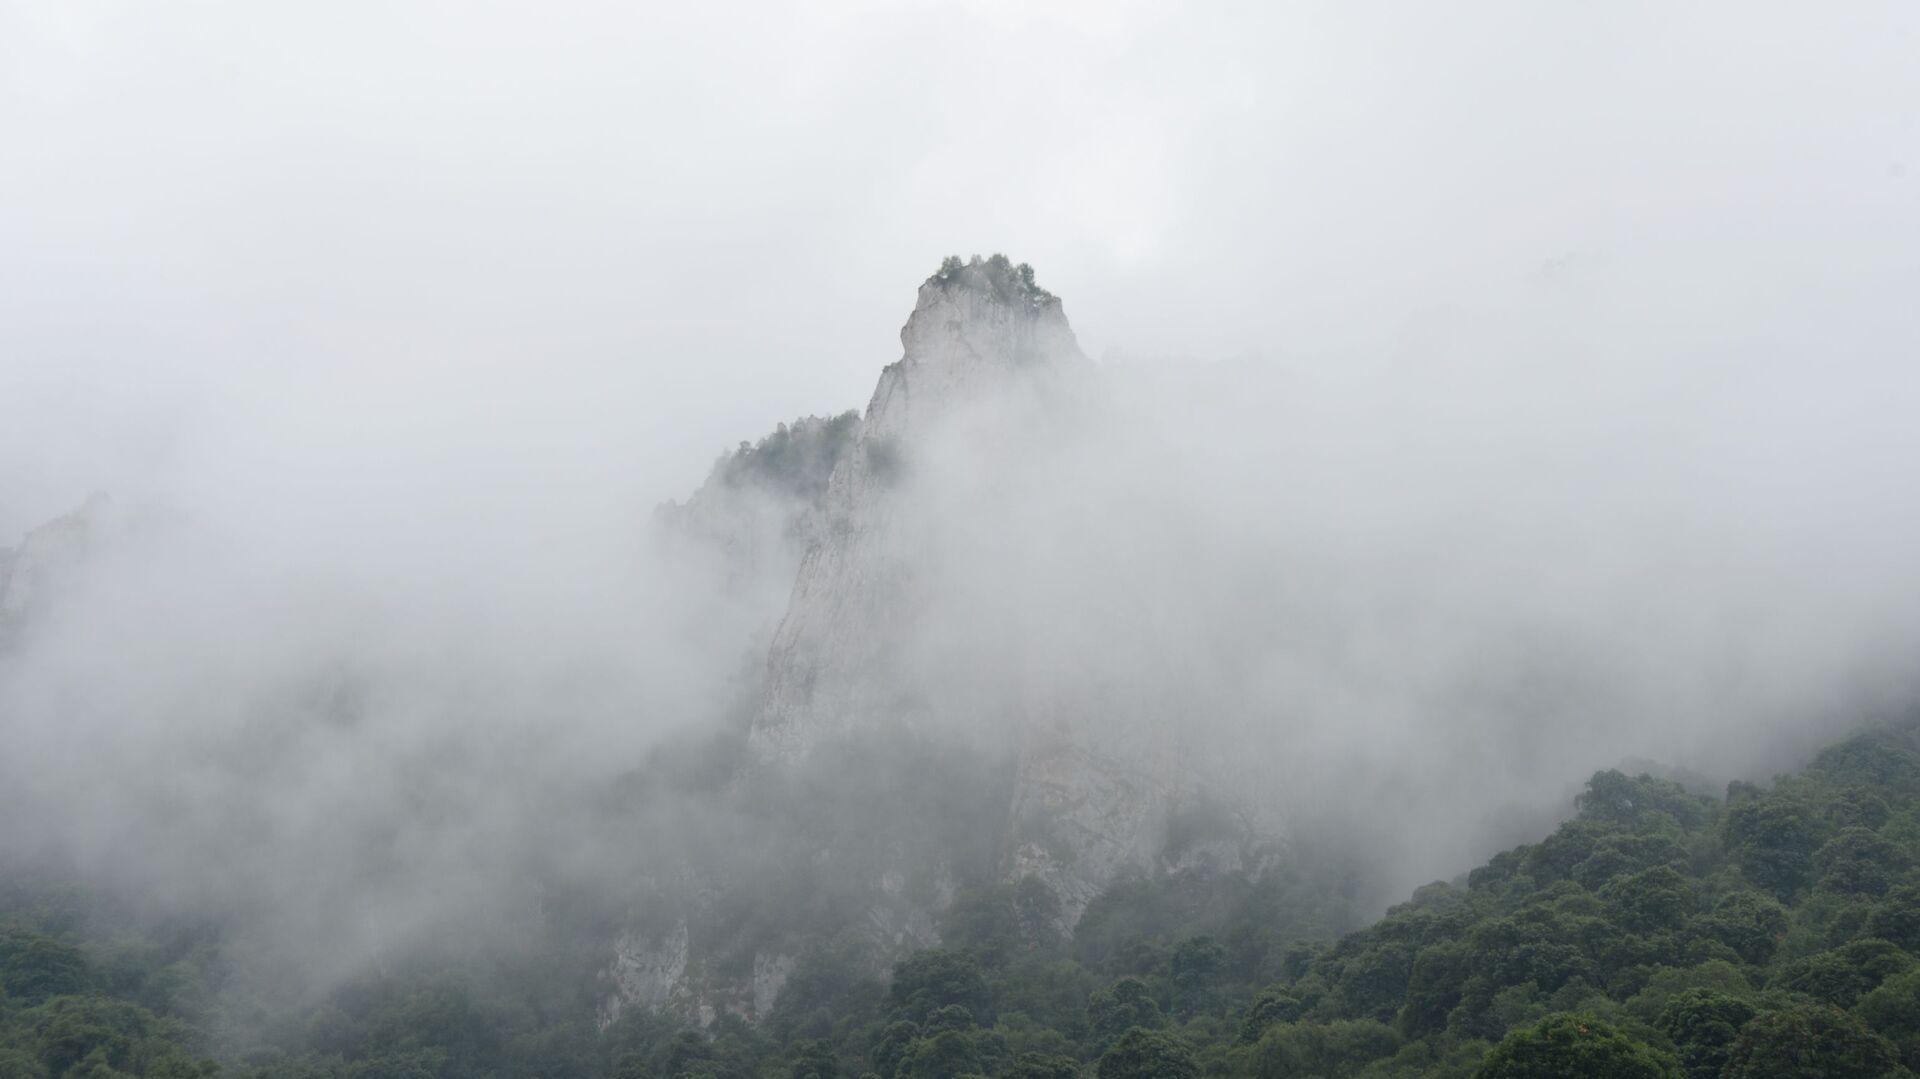 La nebbia in montagna, Cecenia, Russia - Sputnik Italia, 1920, 13.06.2021